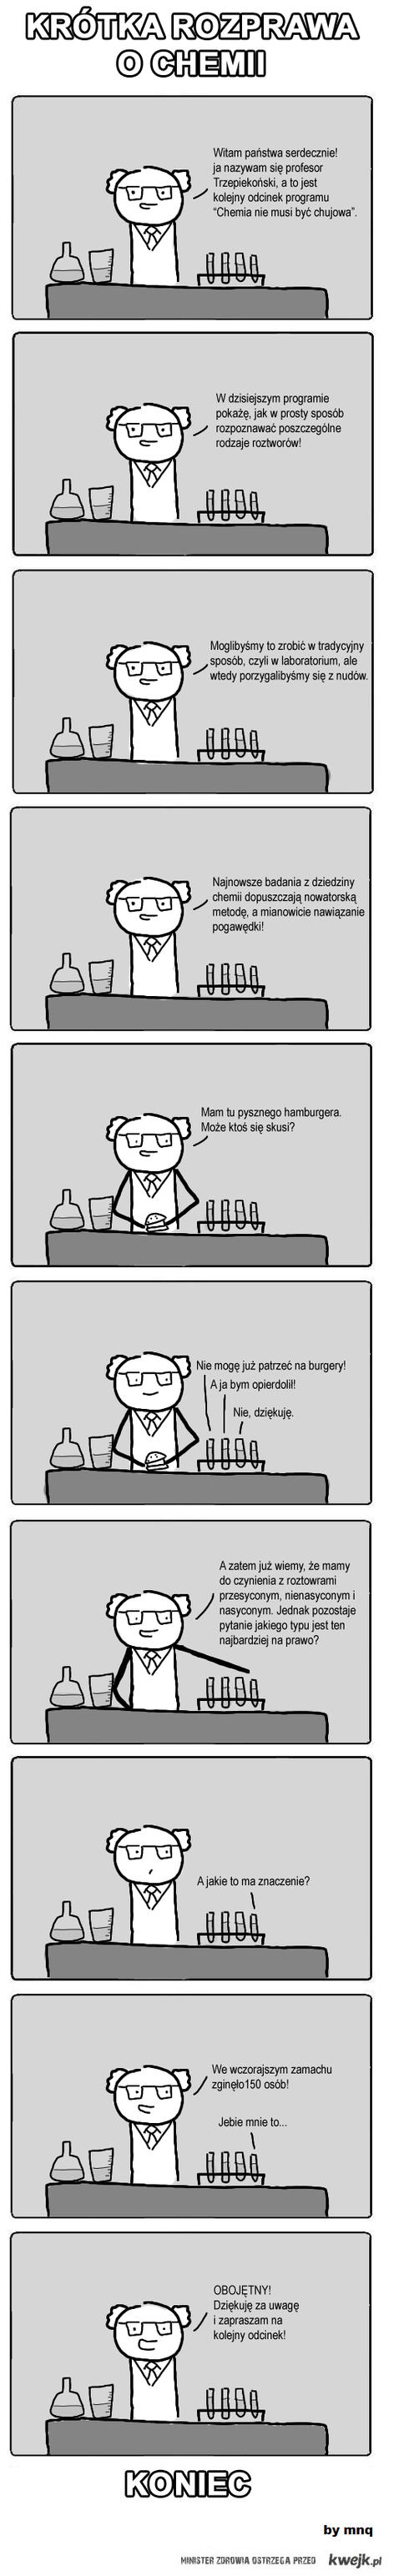 Krotka rozprawa o chemii